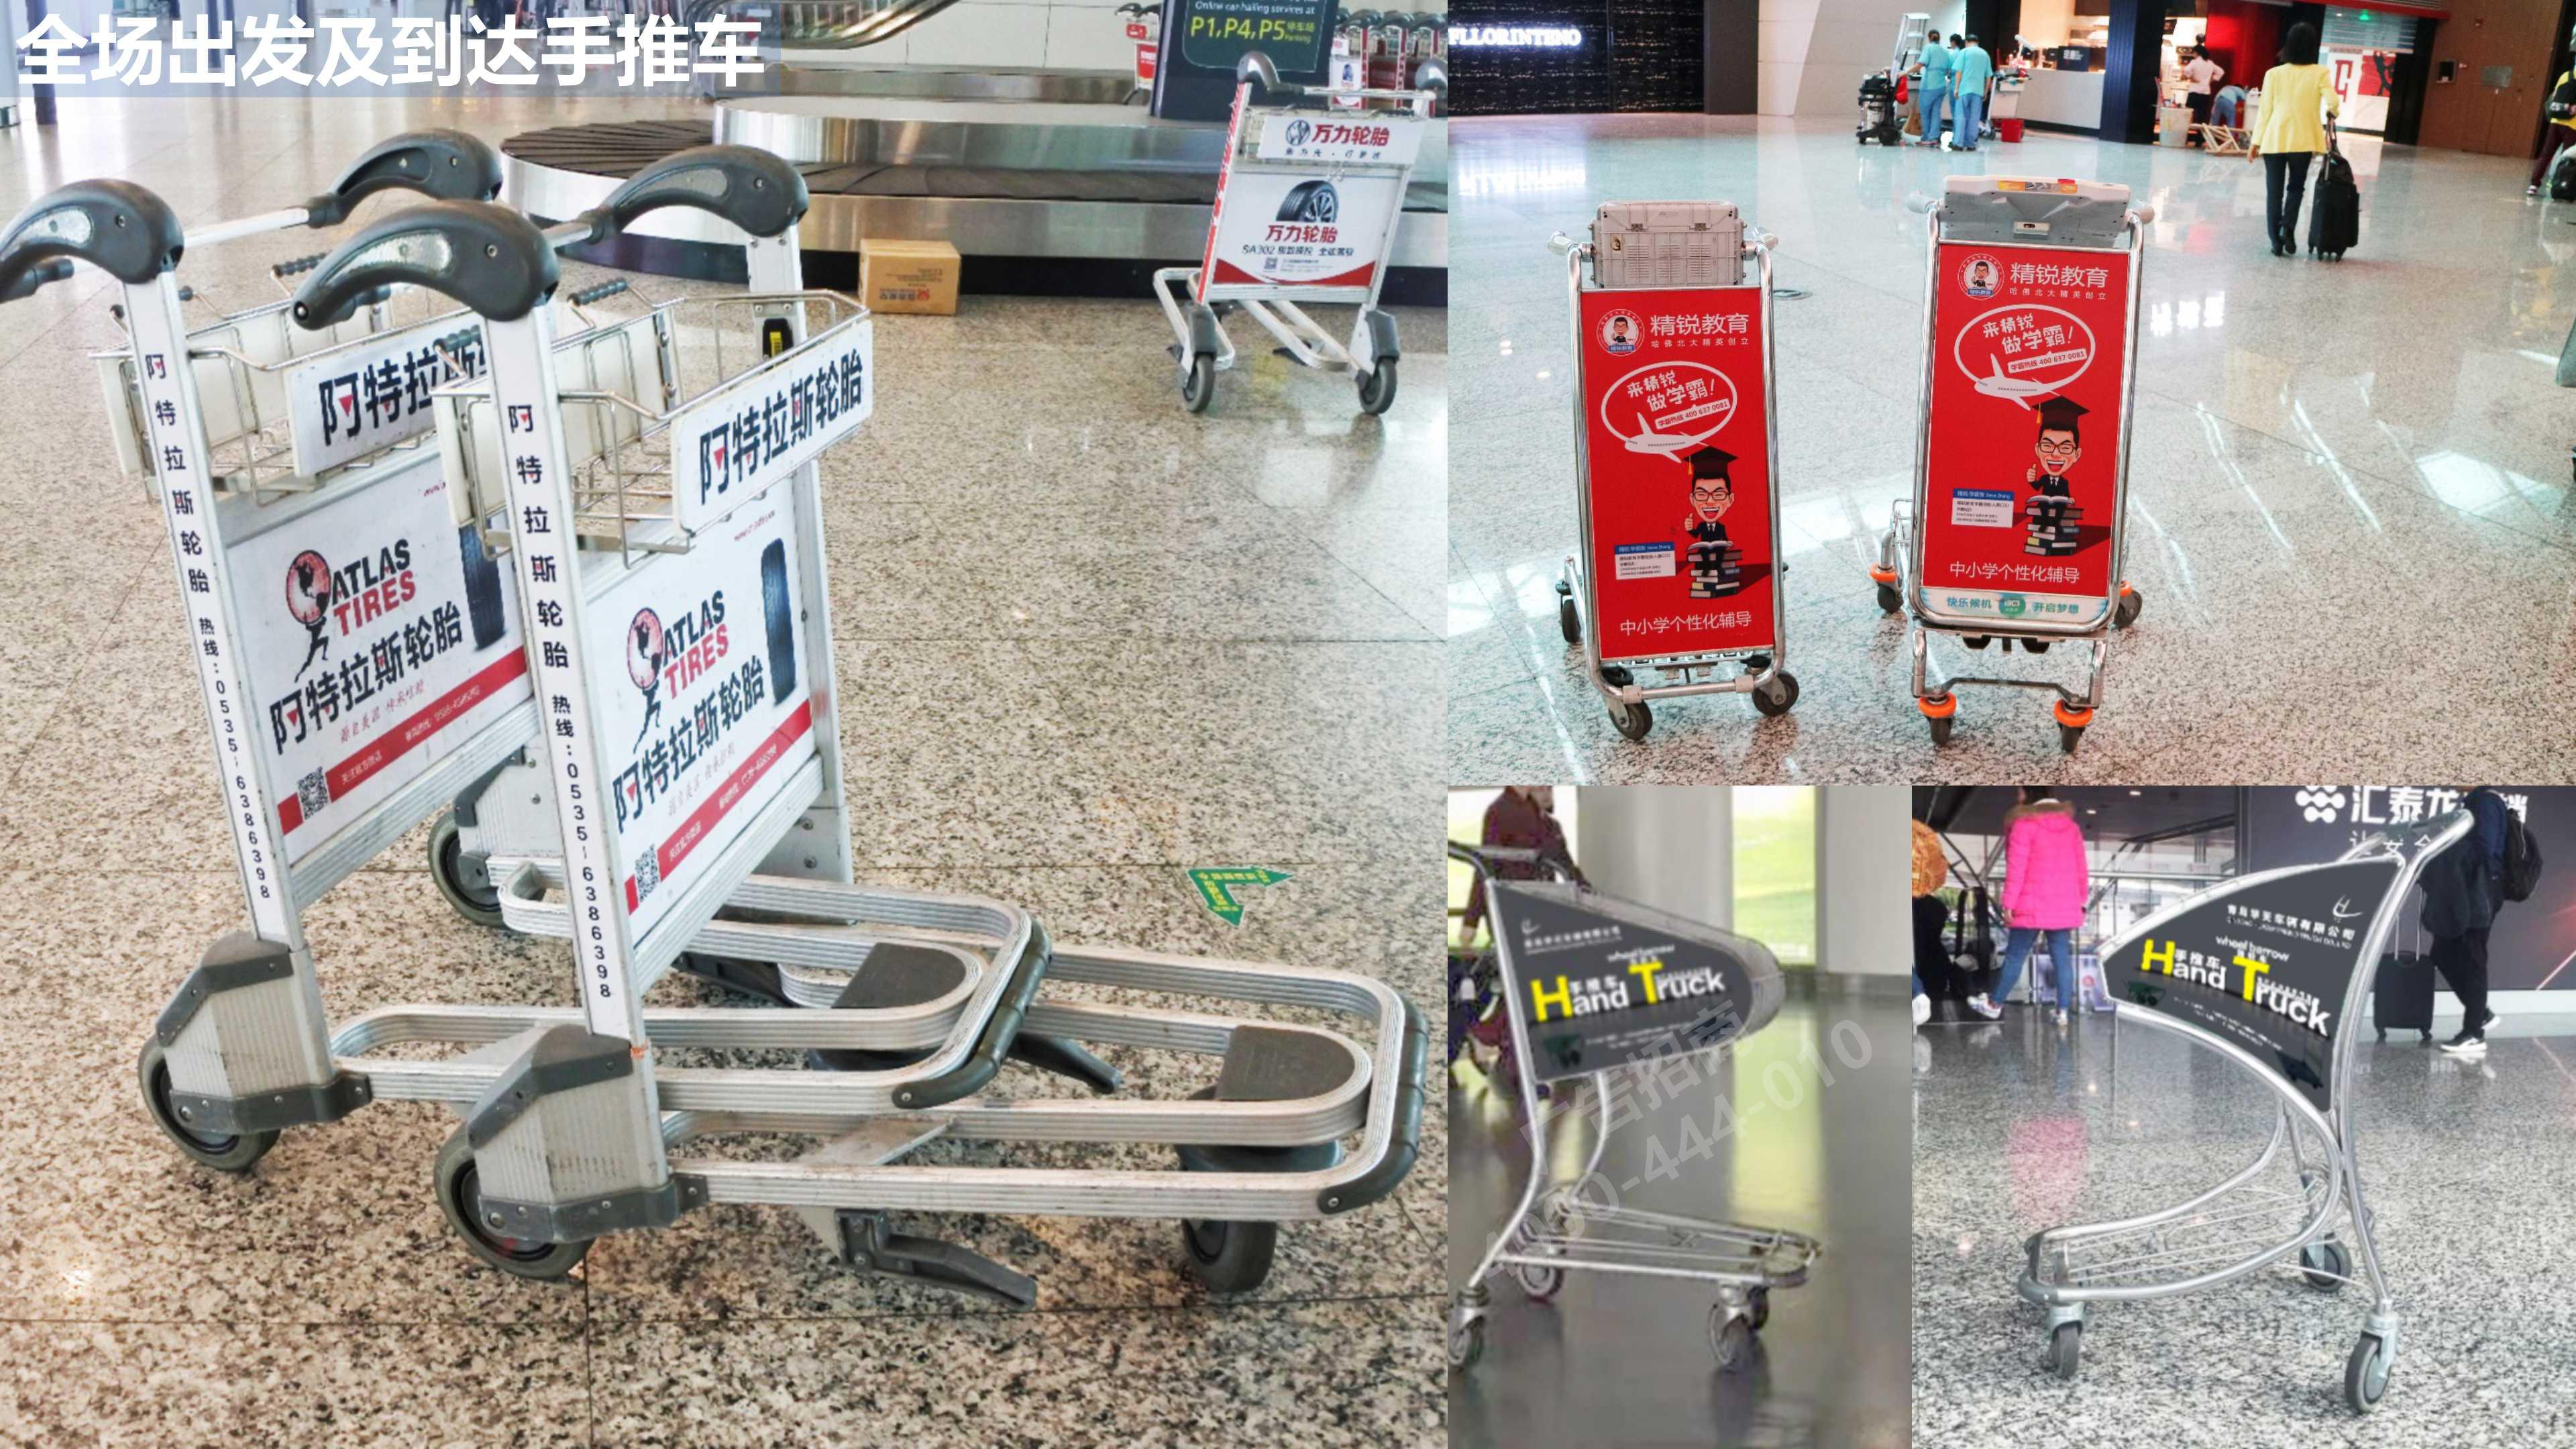 广州机场广告手推车